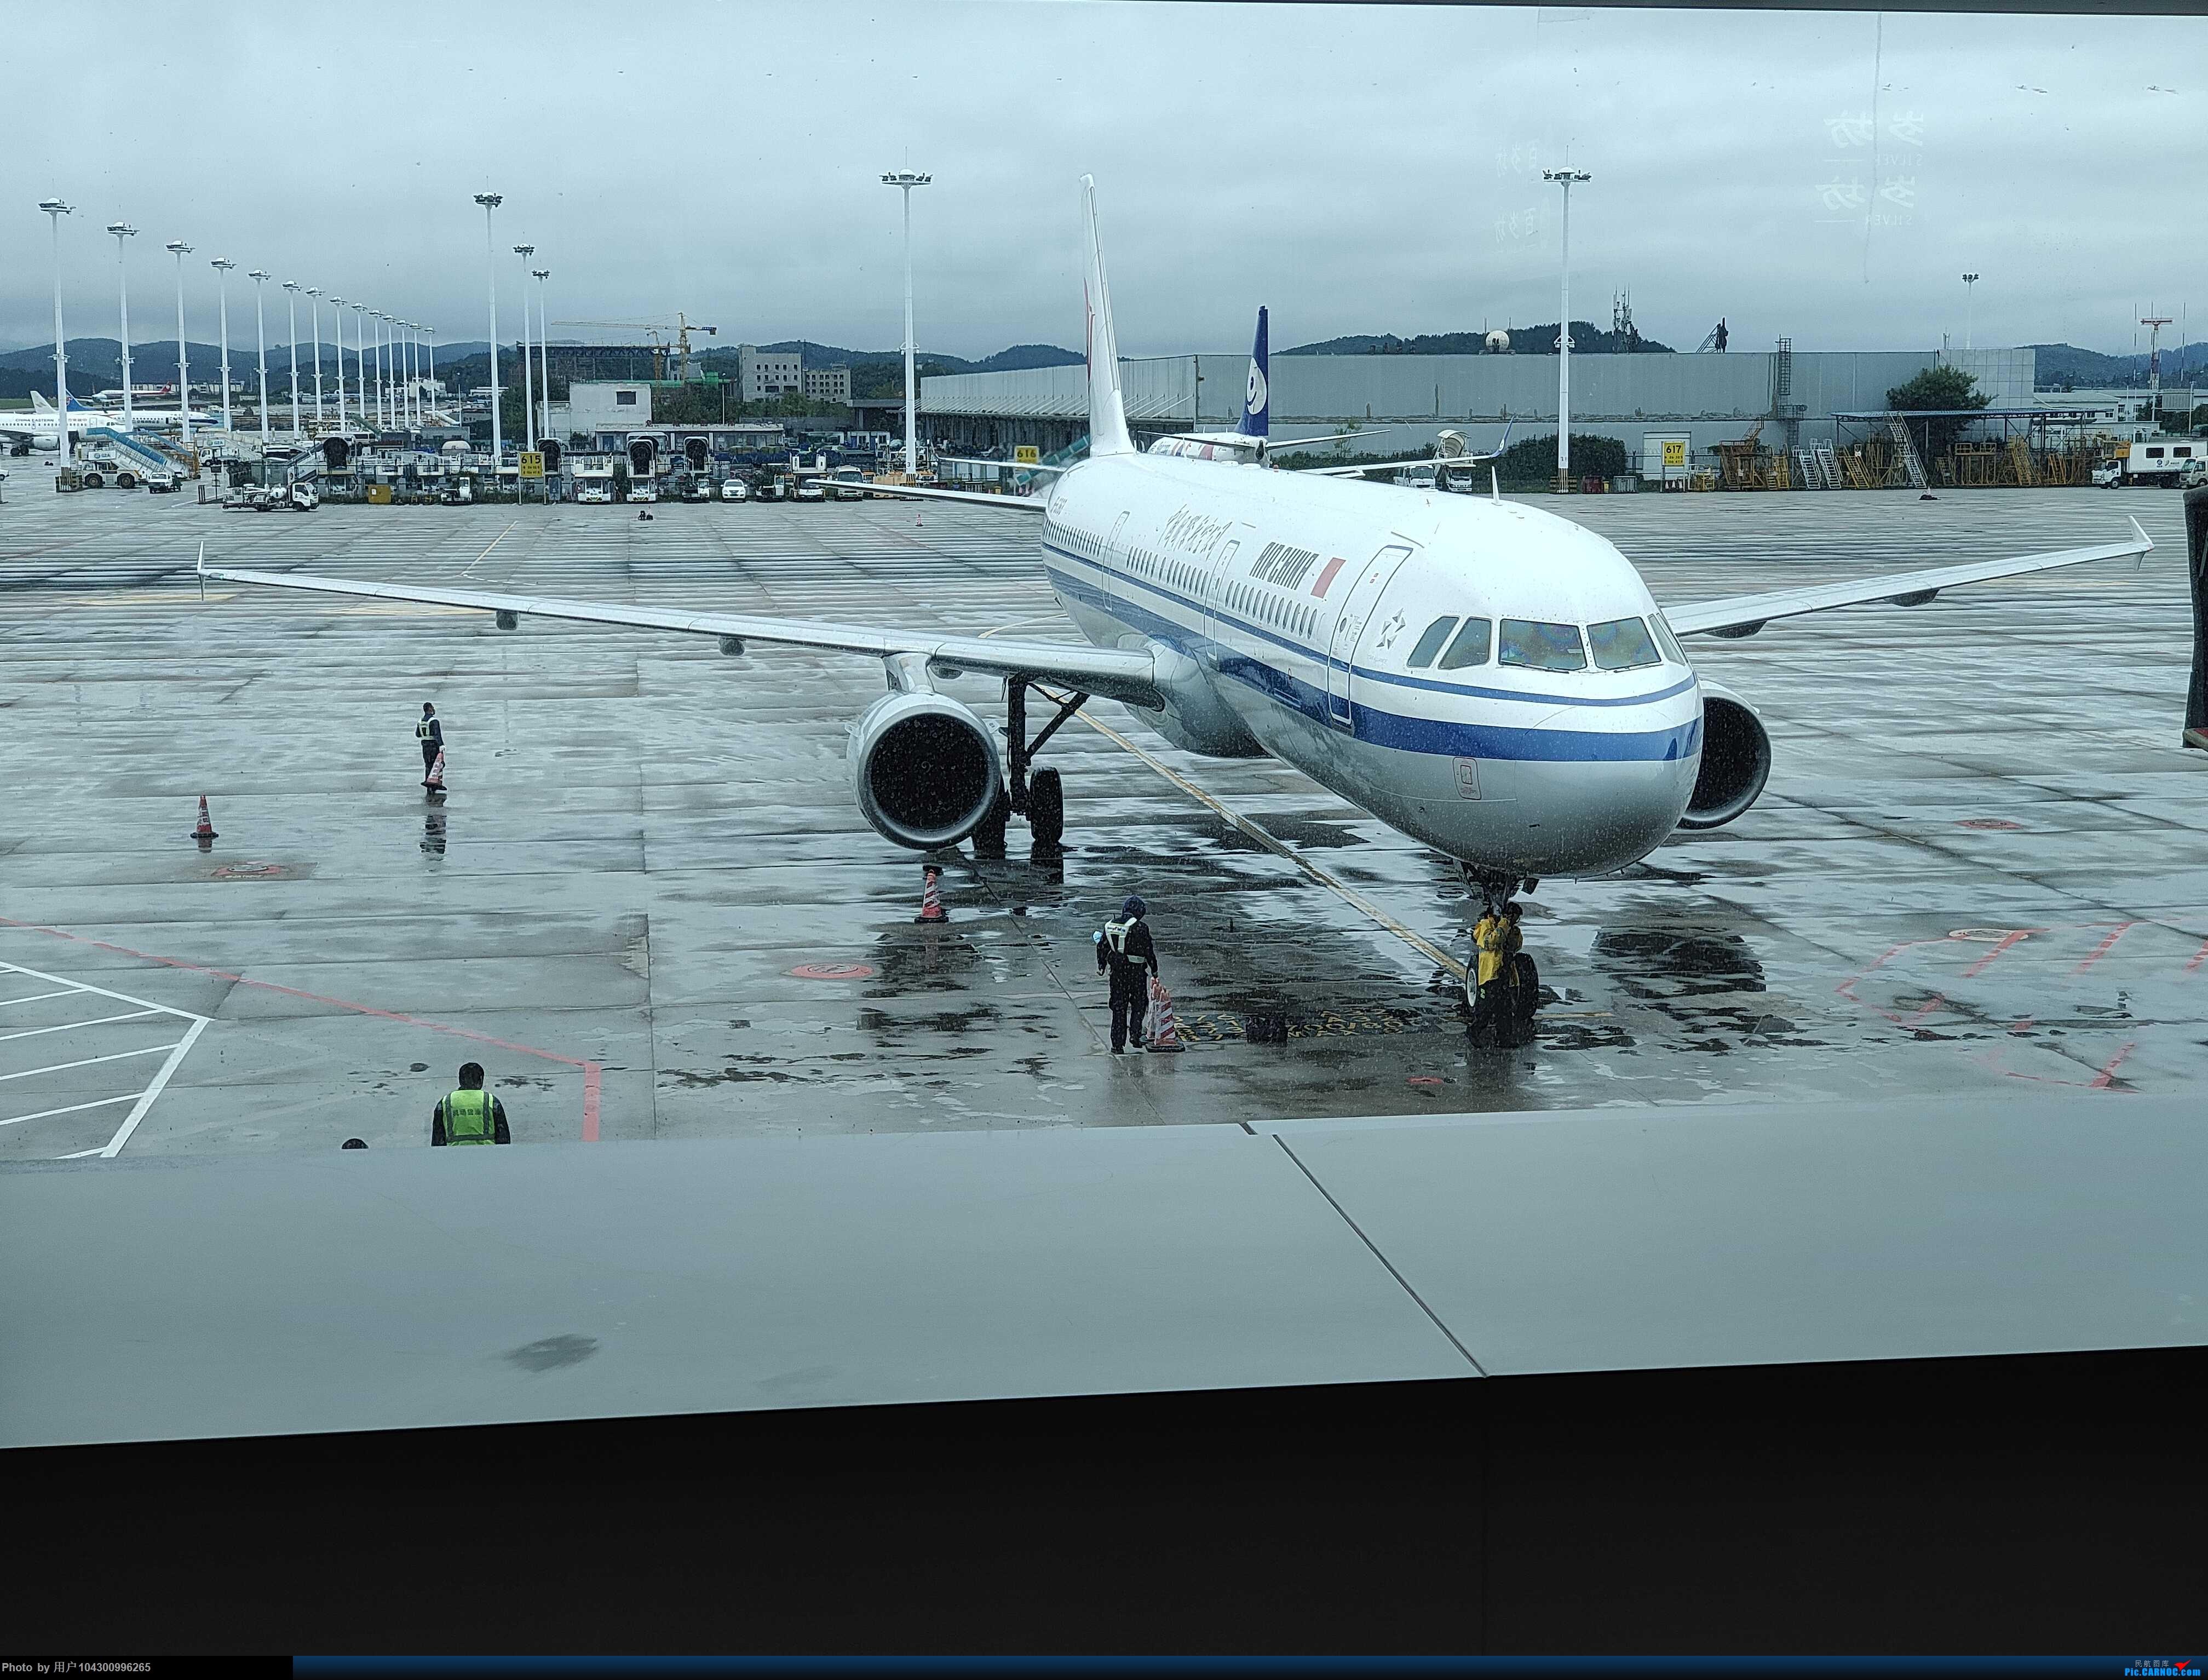 Re:[原创]DM国庆游记之G5贵阳-黎平往返 AIRBUS A321-200 B-6363 中国贵阳龙洞堡国际机场